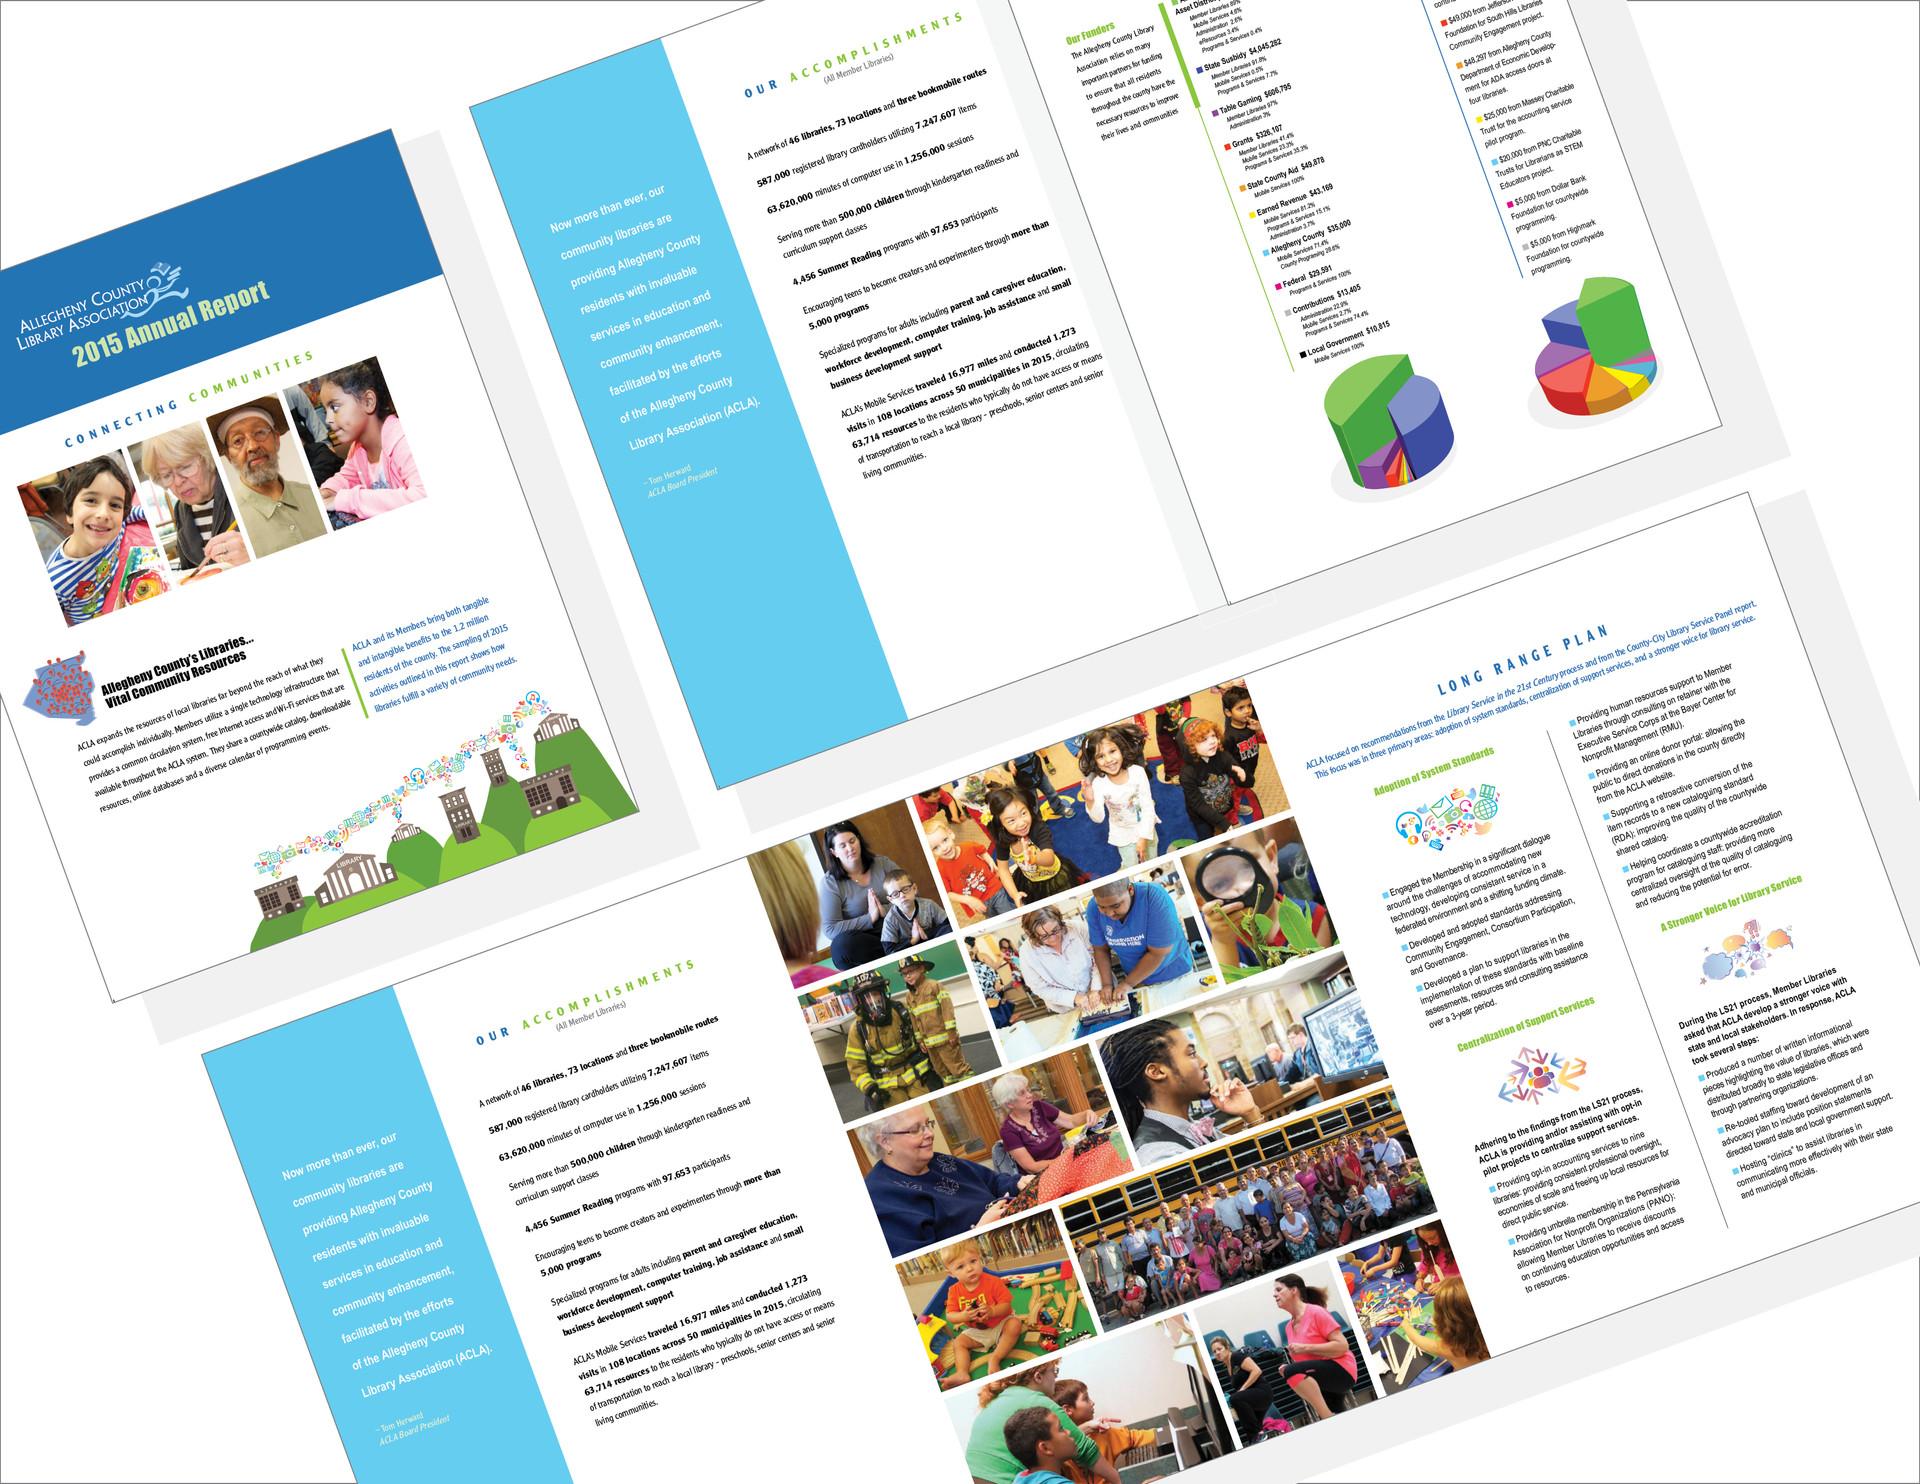 ACLA _designs2019.jpg